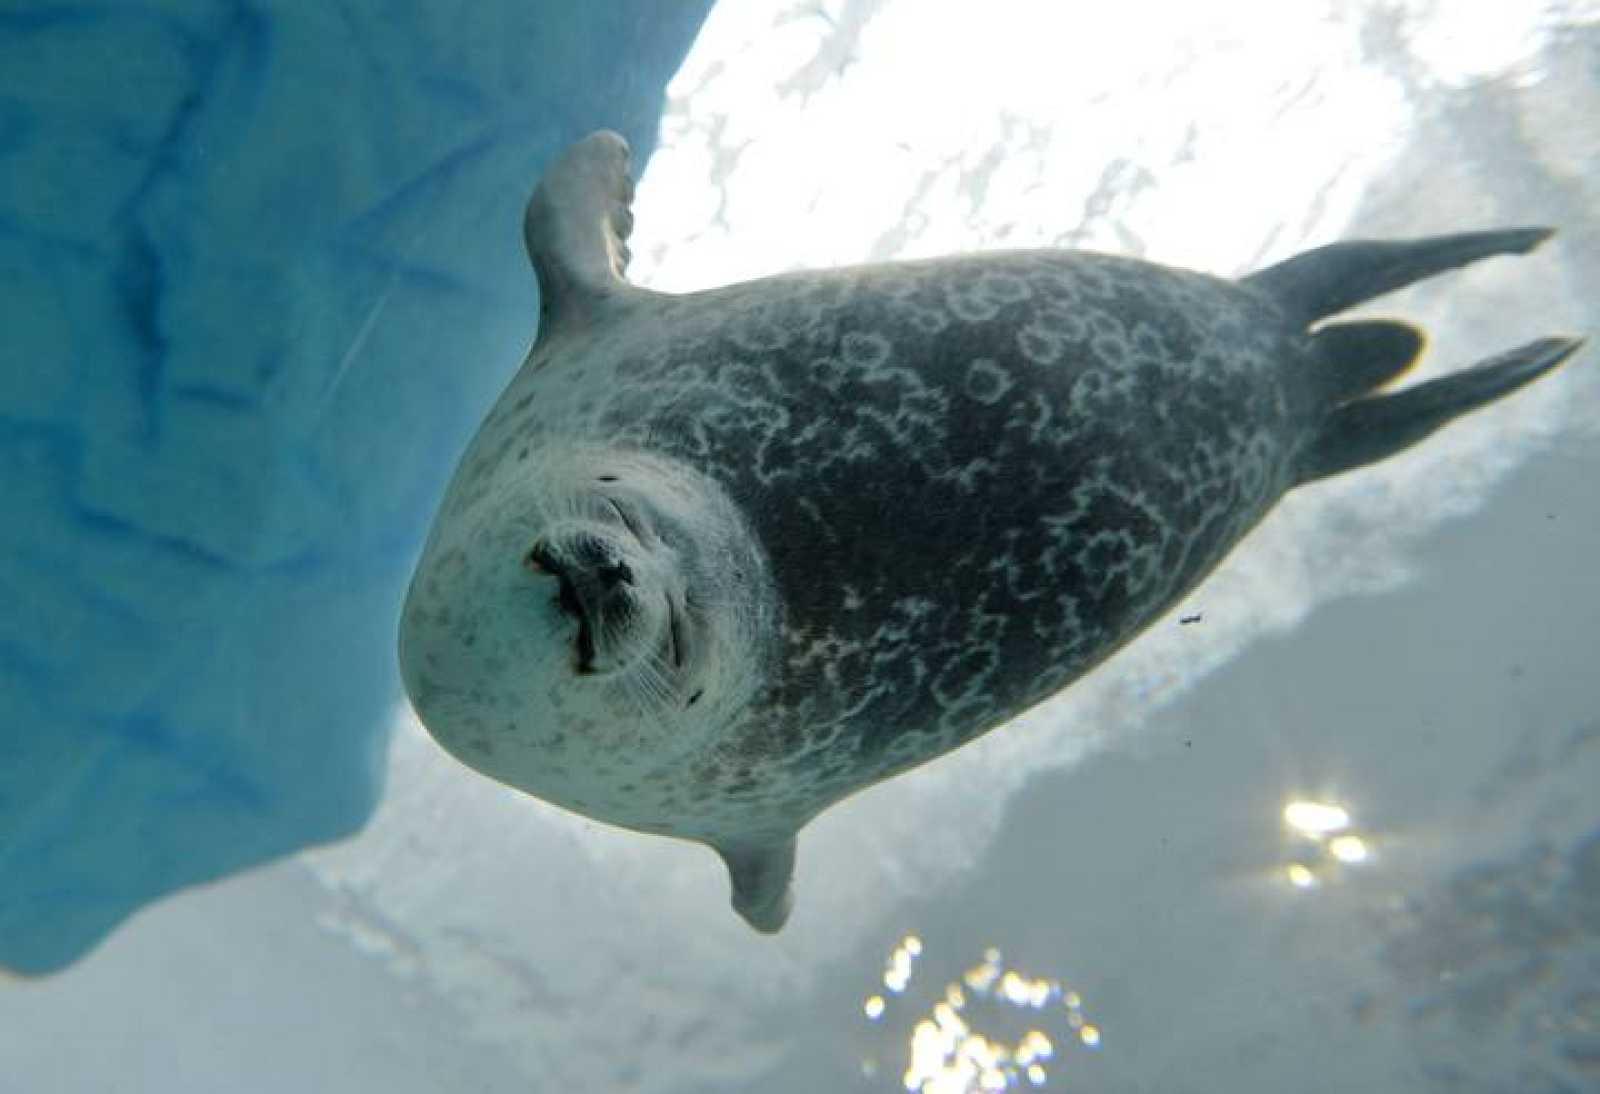 Las temperaturas de la superficie y de las profundidades de los océanos también aumentaron en 2012, según el informe de la Administración de Océanos y Atmósfera de Estados Unidos (NOAA).